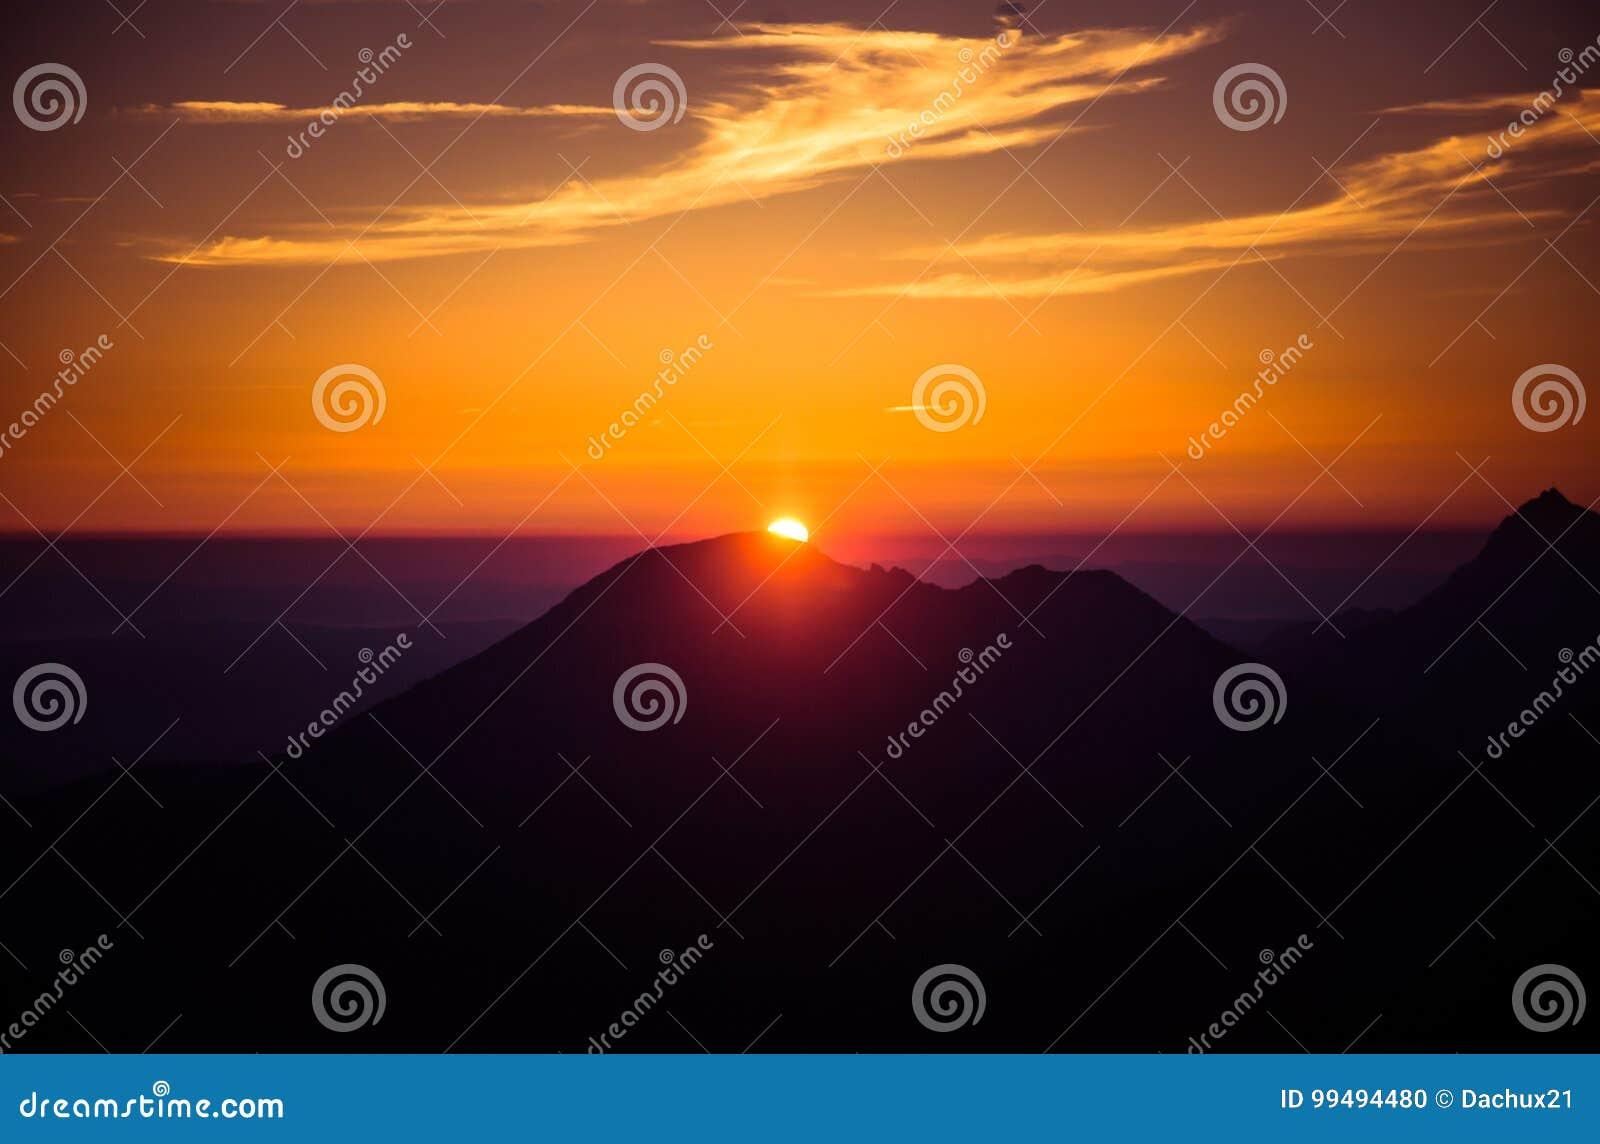 在神秘的紫色和橙色音调的一个美好,五颜六色,抽象山风景